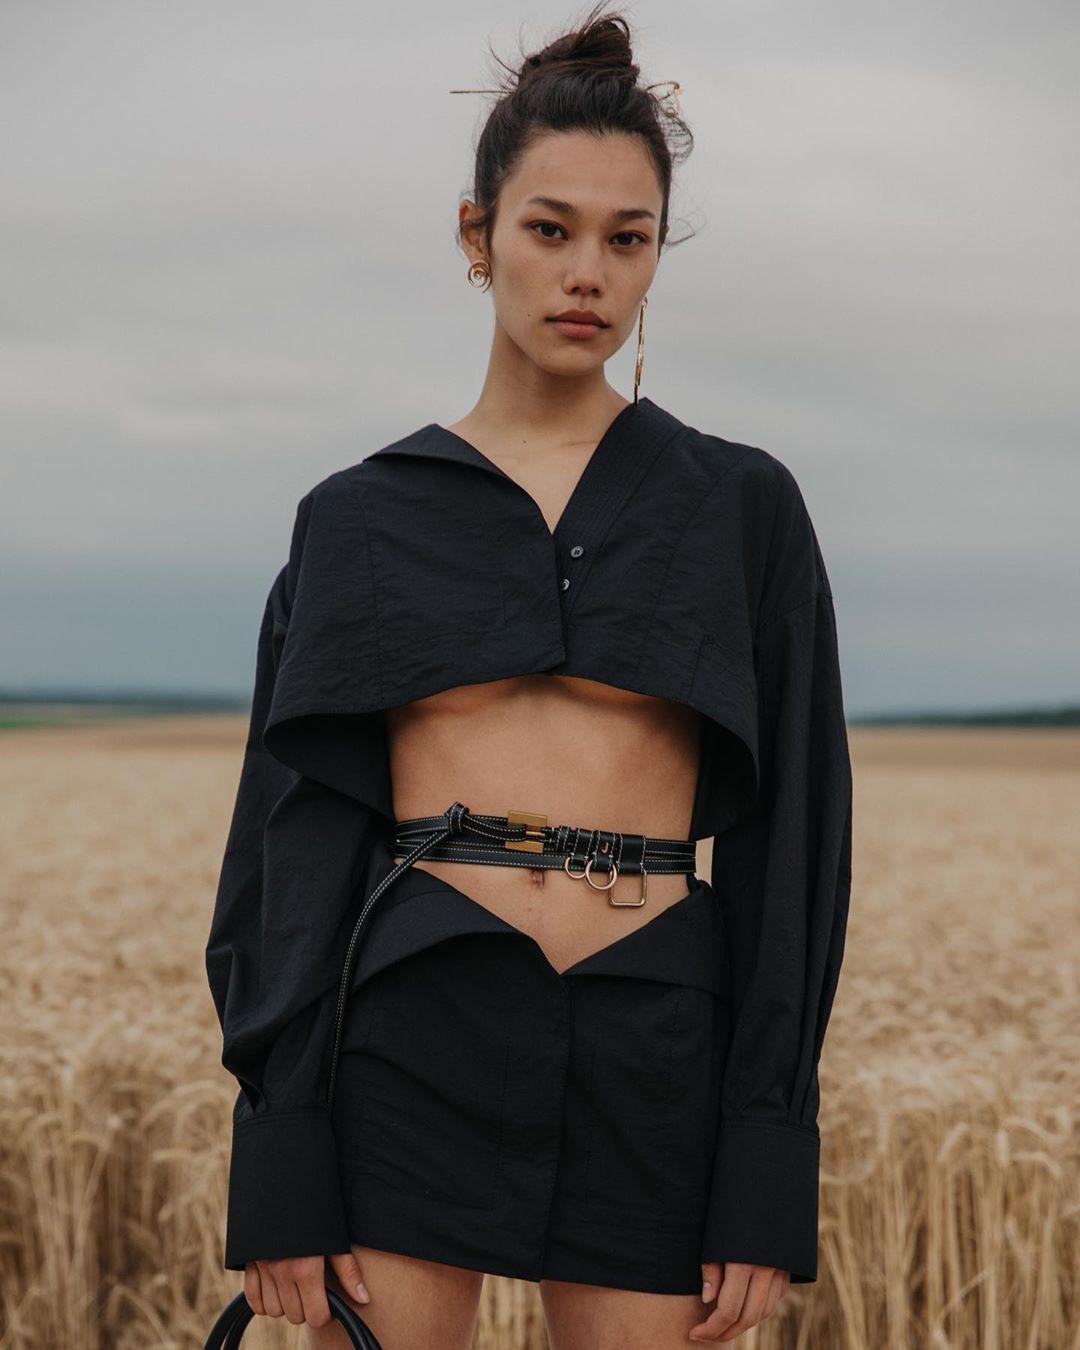 người mẫu thời trang gốc việt jacquemus